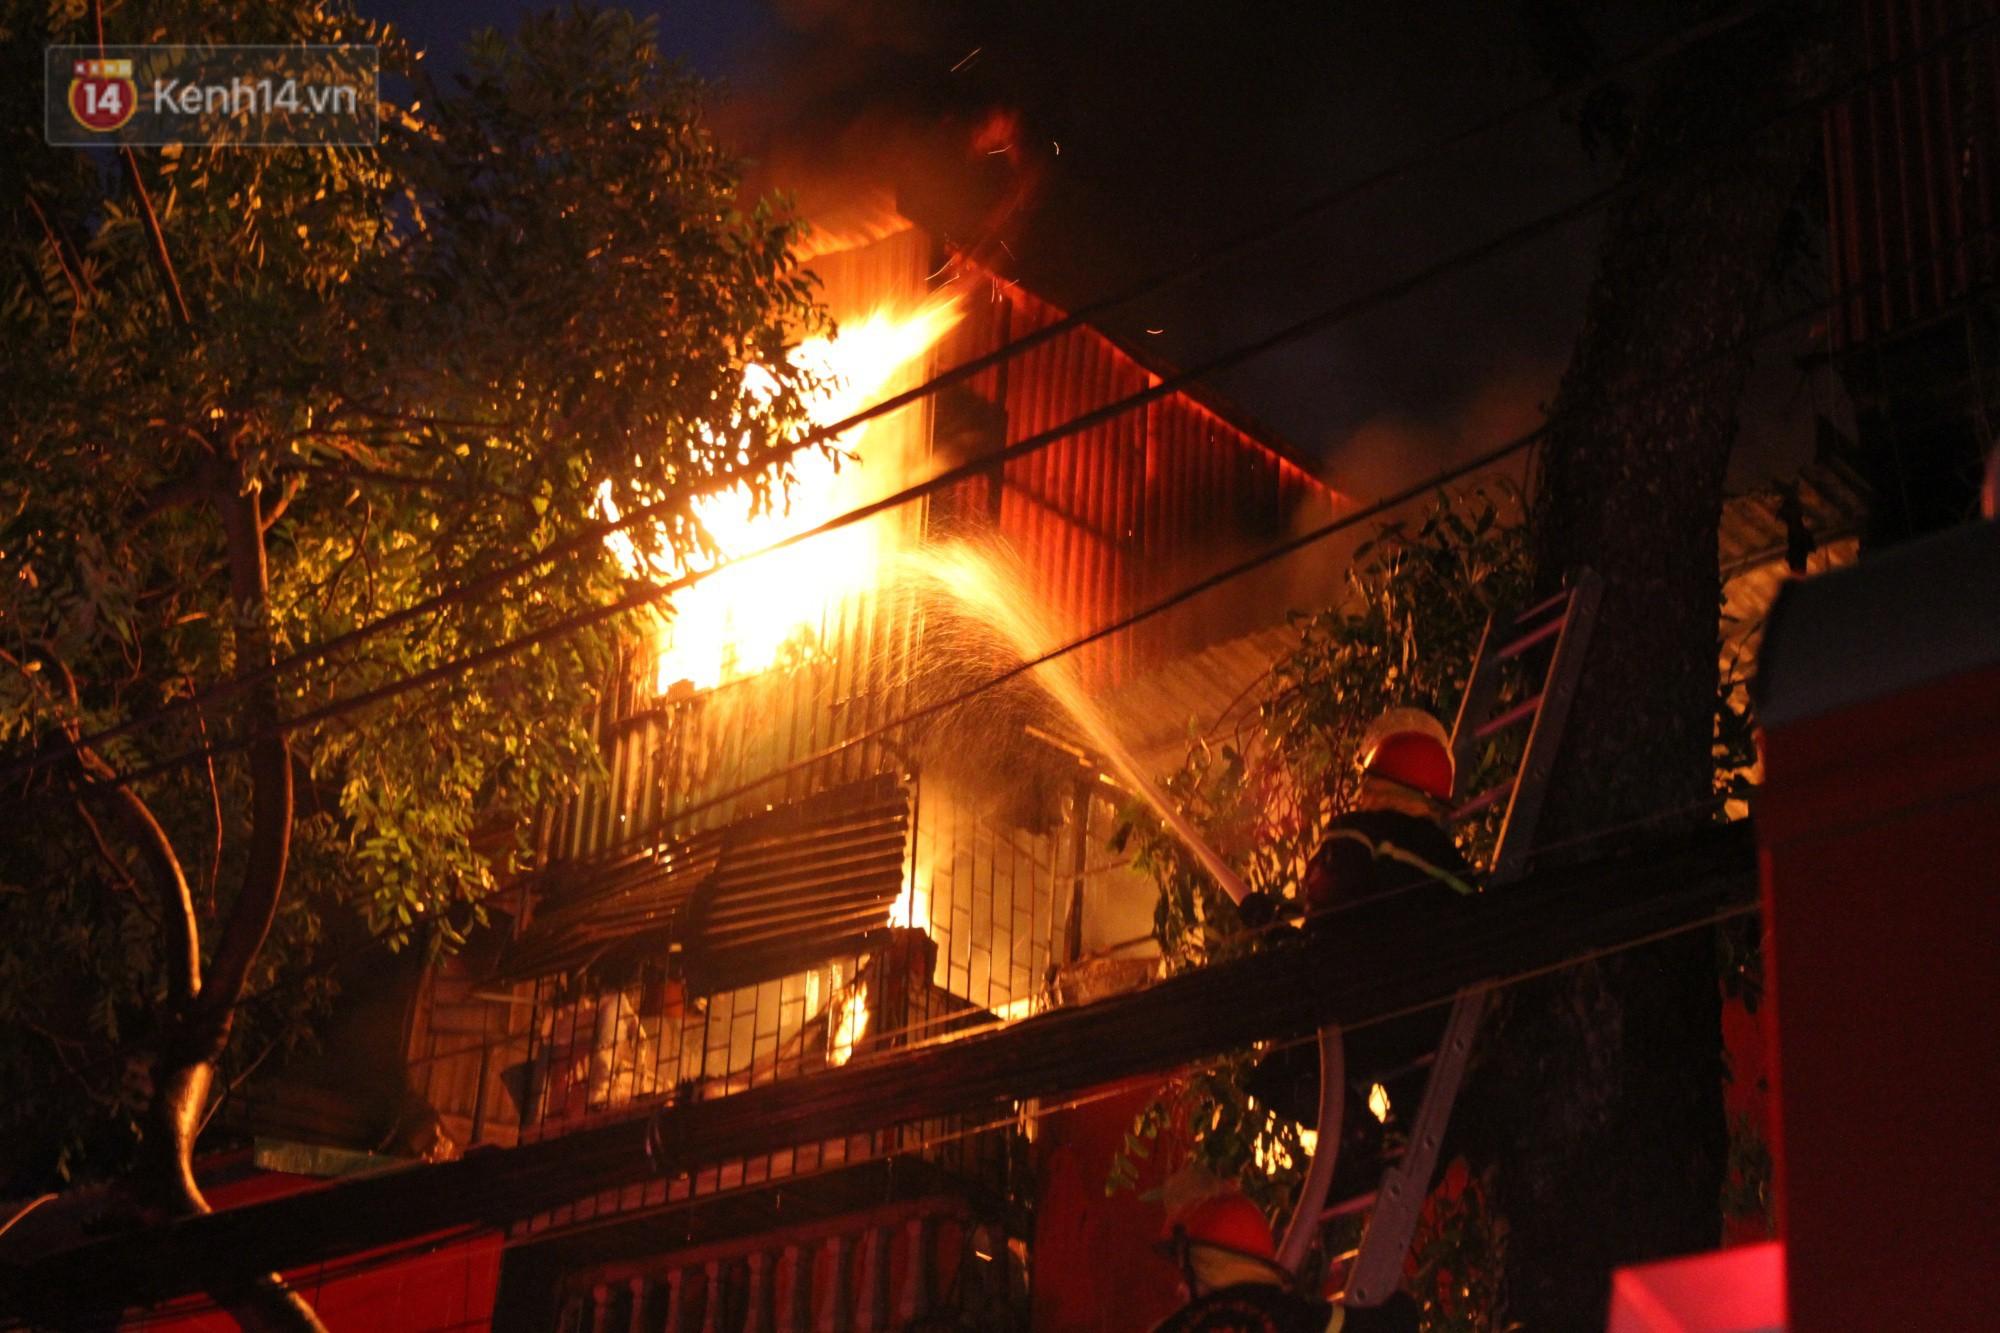 Người đầu tiên phát hiện đám cháy ở Đê La Thành: Tôi không muốn nói nhiều vì dân tình đều đổ tội lên đầu bác Hiệp - Ảnh 1.